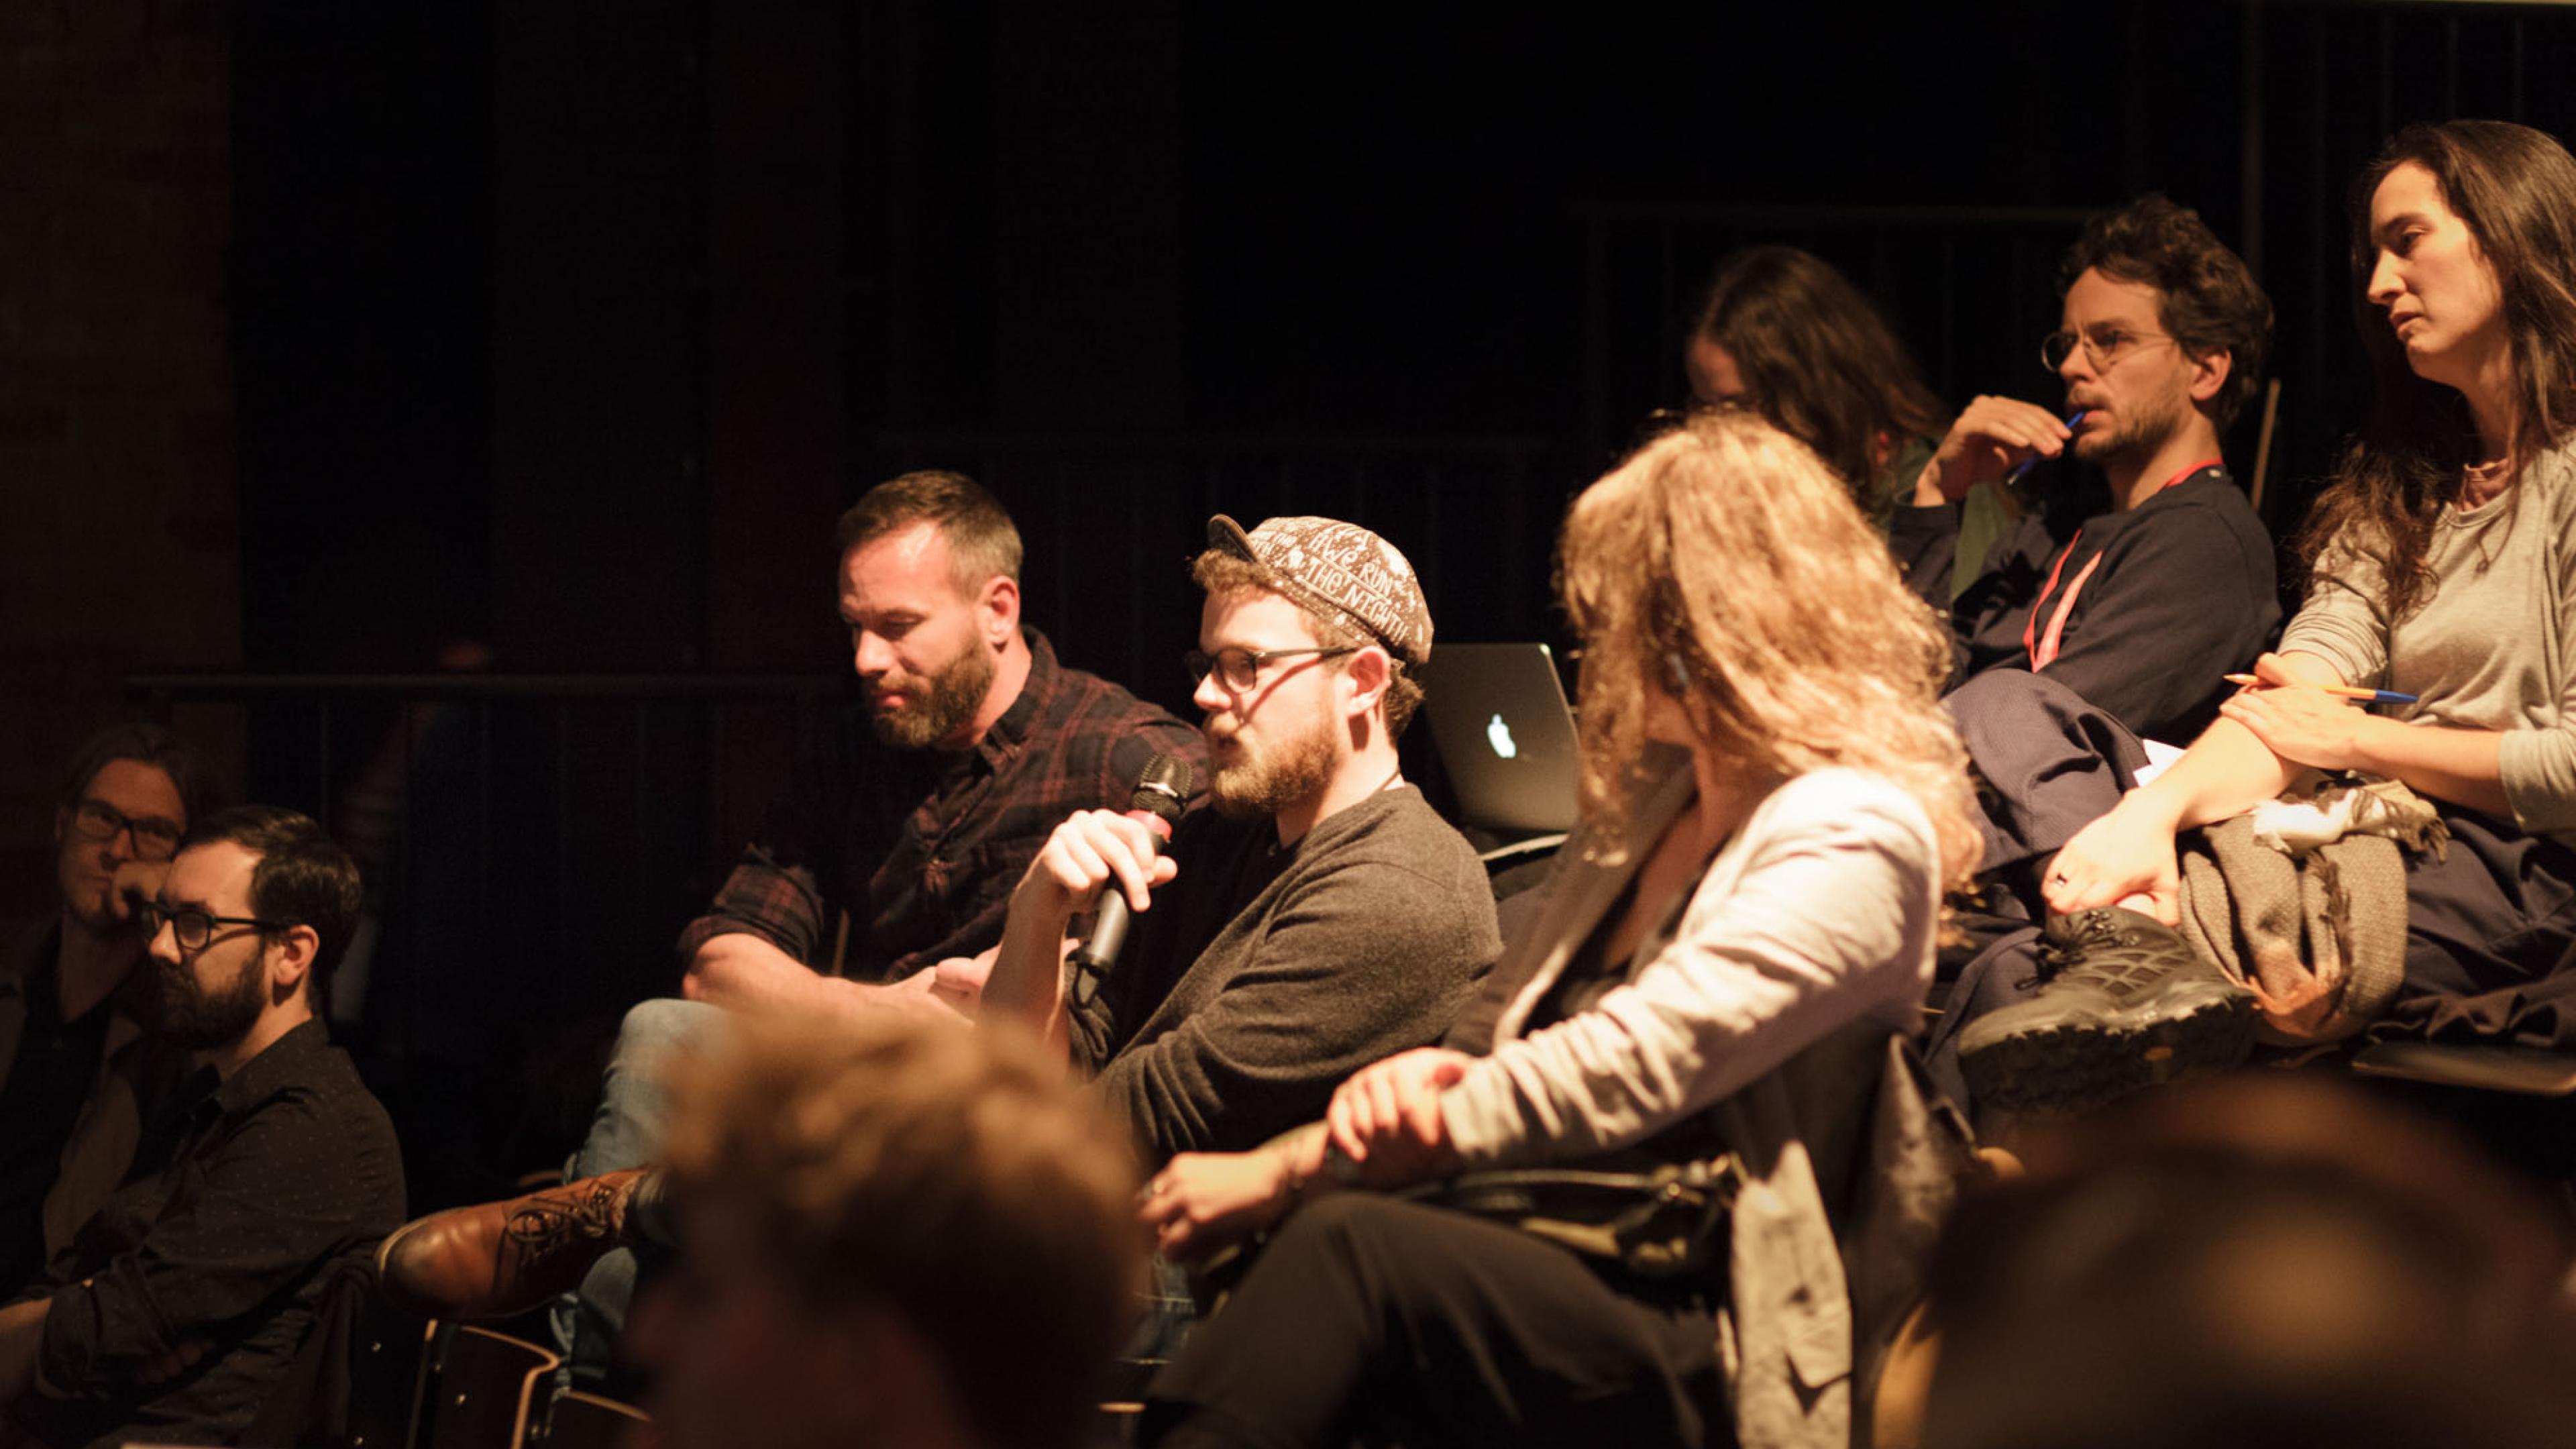 Mann sitzt in einem Vortragsraum im Publikum und spricht in ein Mikrofon, die Personen um  ihn herum schauen ihn an.